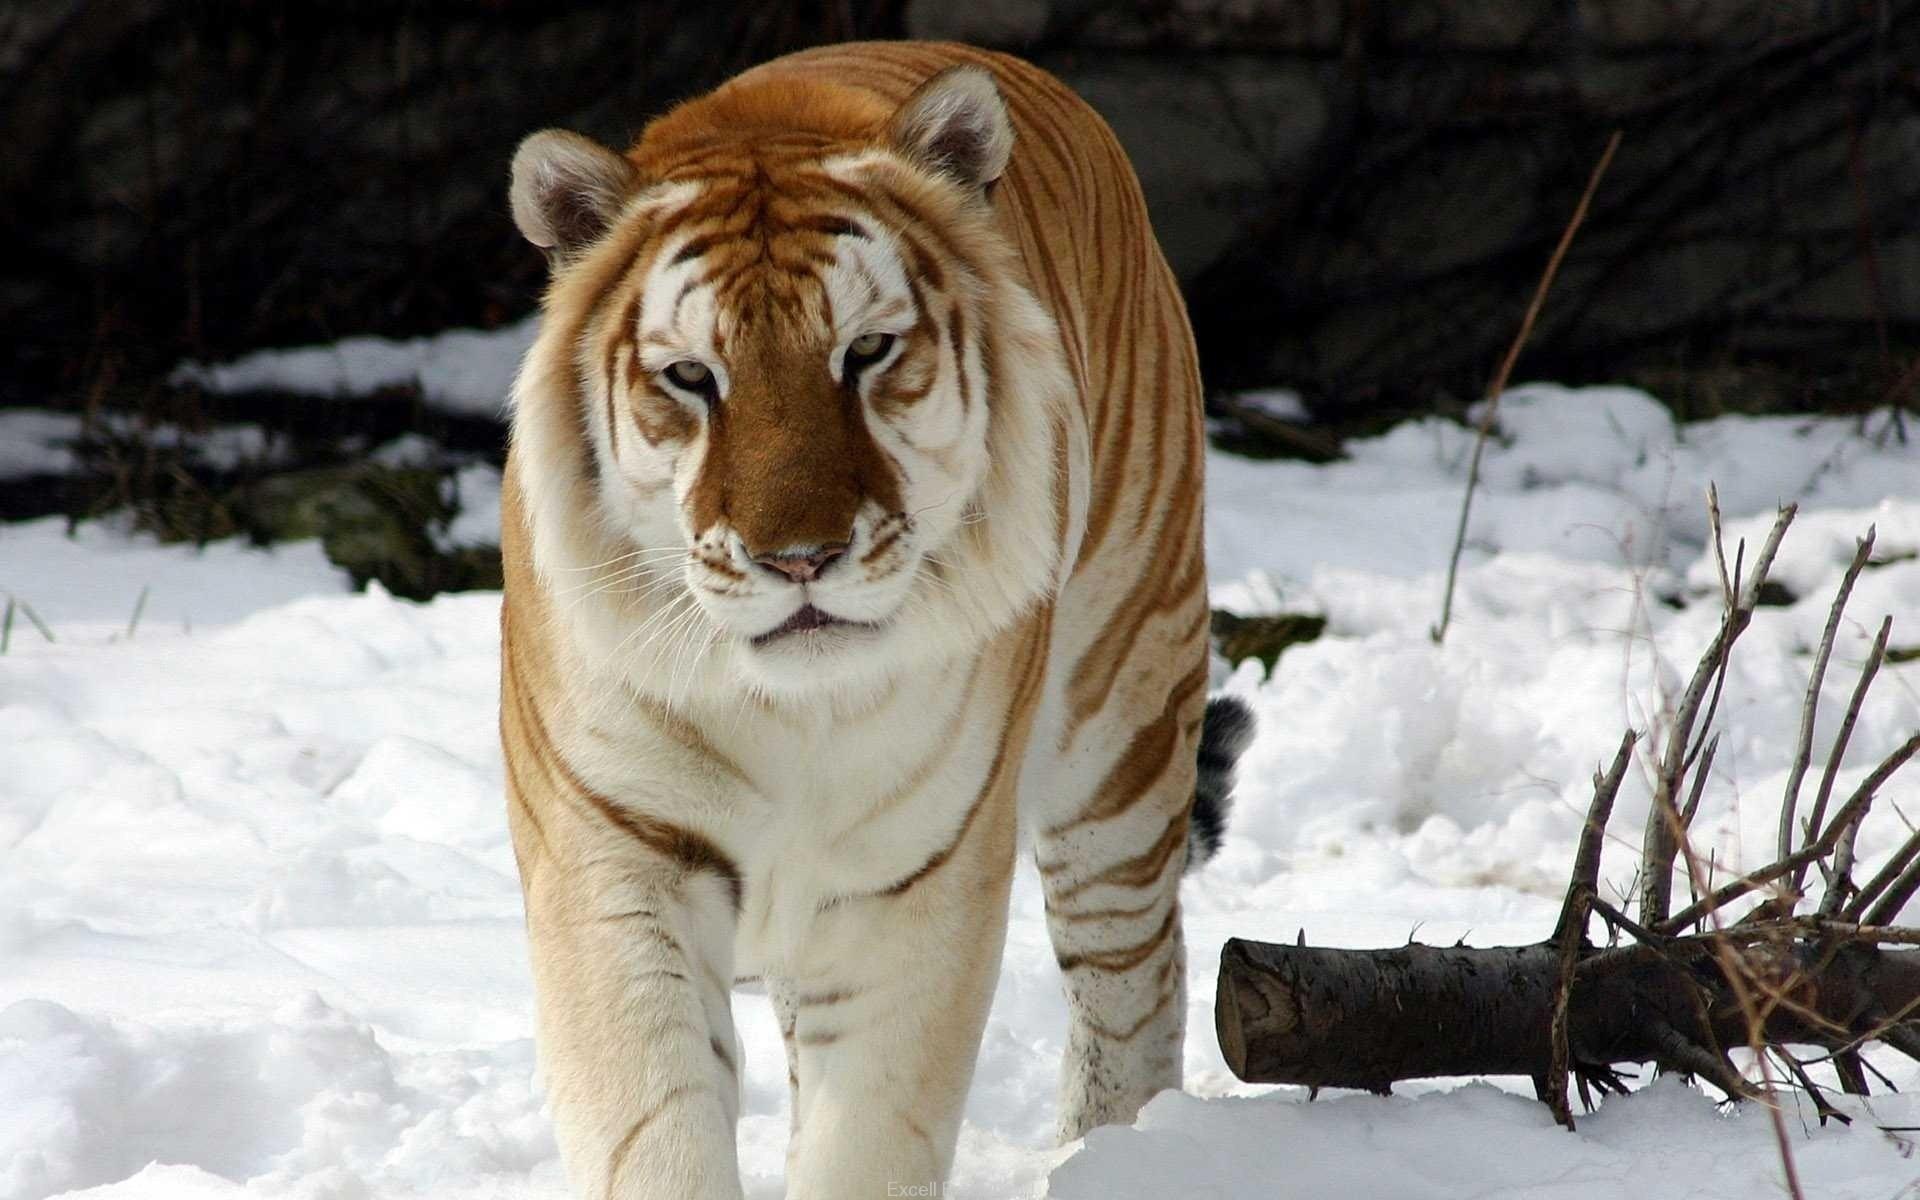 Tigre dorado - 1920x1200